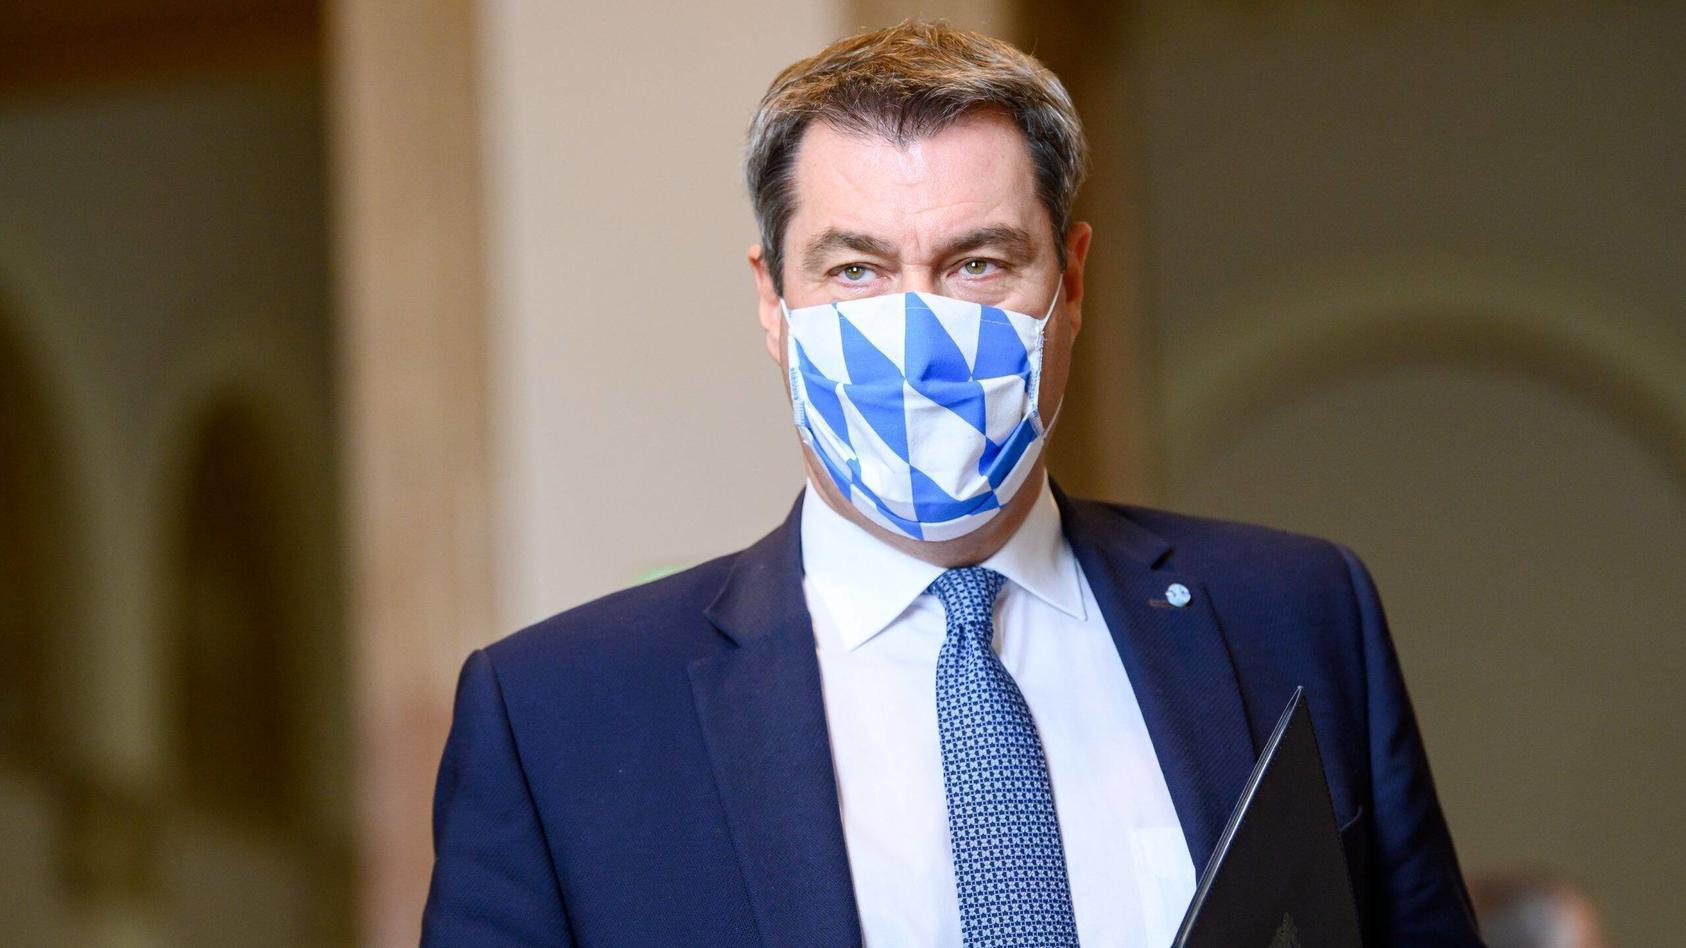 Auf den Weg zur Sondersitzung: Ministerpräsident Dr. Markus Söder, MdL, im Bayerischen Landtag. Ministerpräsident Dr. M